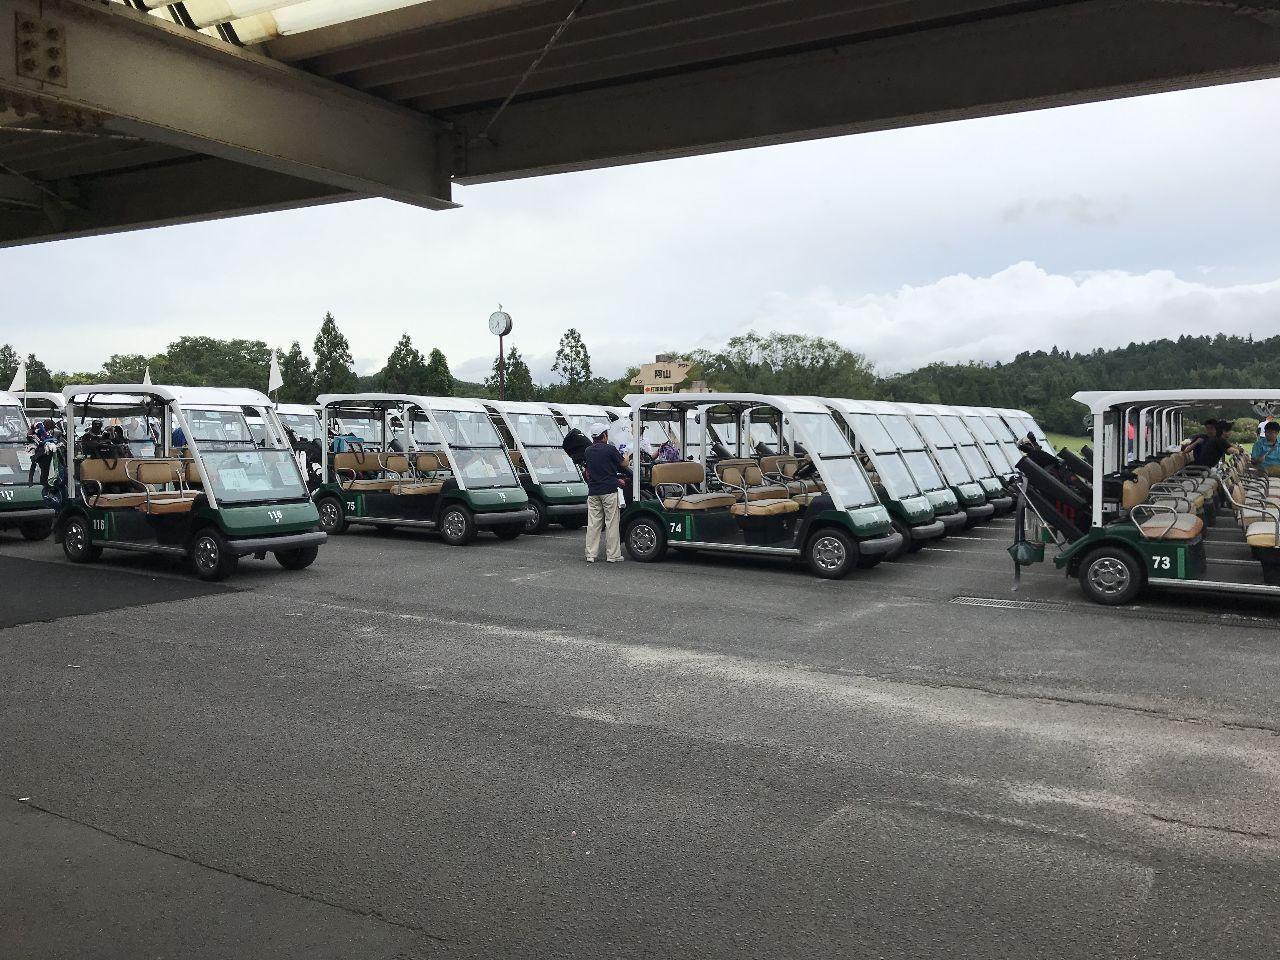 6412 - (株)平和 週末なのでゴルフの話  本日PGM系の三重県のゴルフ場にてプレイ 朝7時にゴルフ場到着。並んだゴルフ